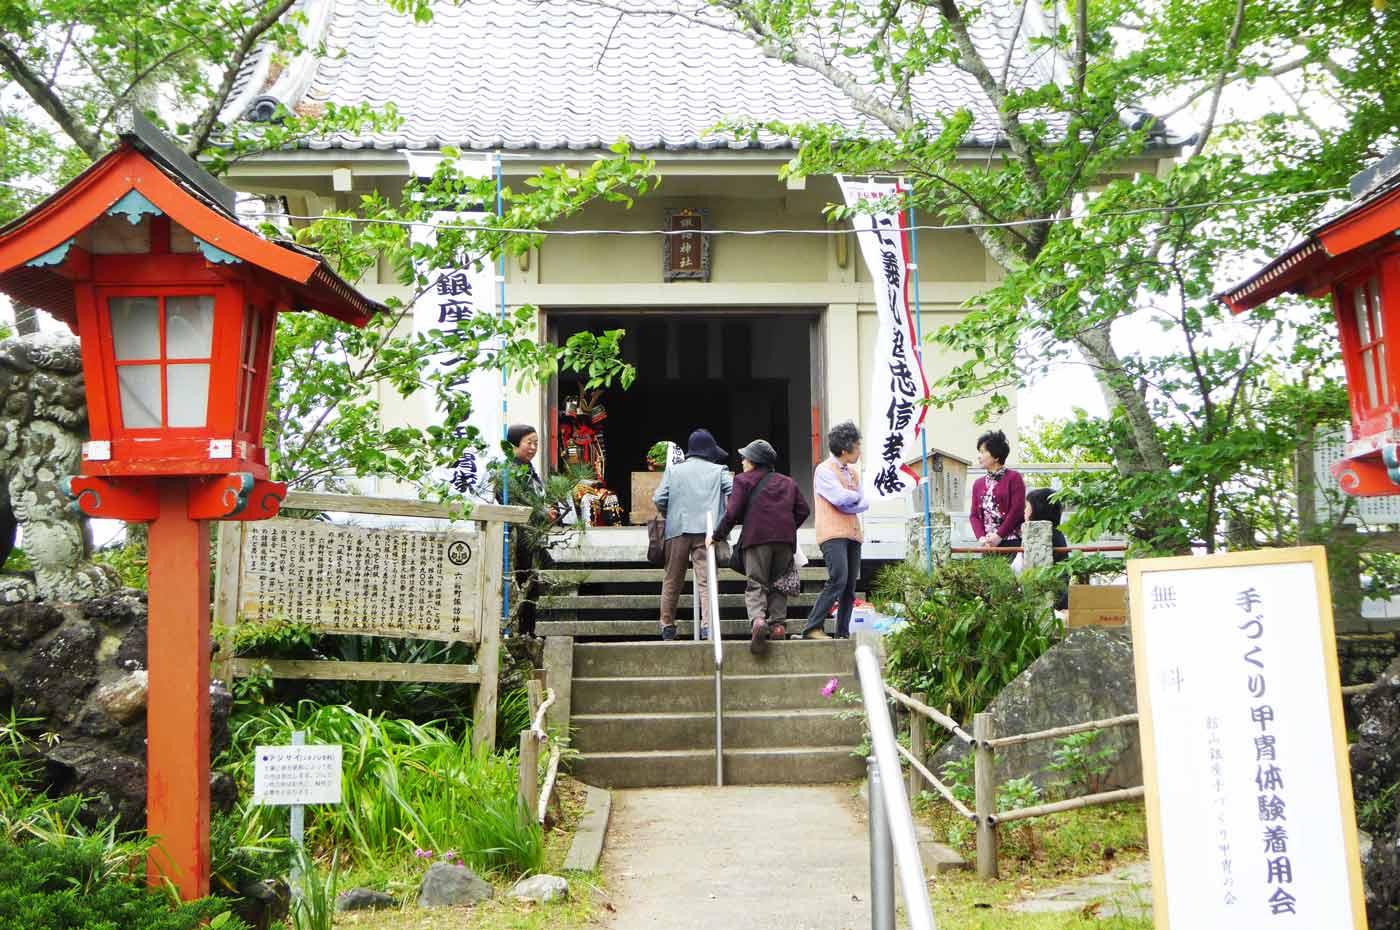 諏訪神社拝殿の画像